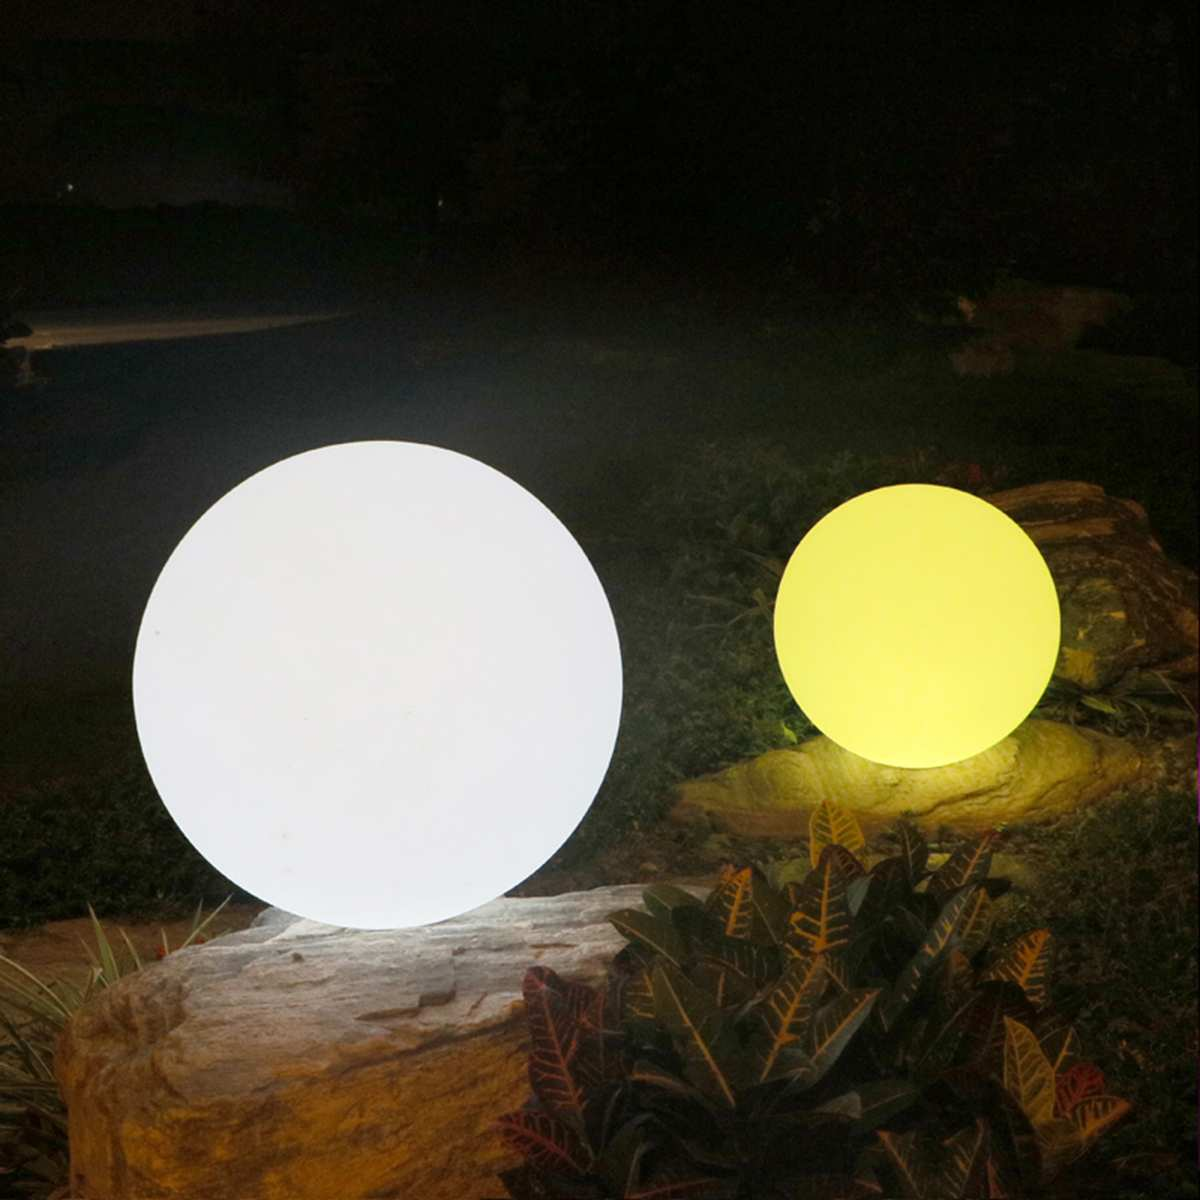 LED énergie solaire alimenté ampoule lampe 30/35/40 cm étanche extérieur jardin rue panneau solaire boule lumières pelouse cour paysage décor